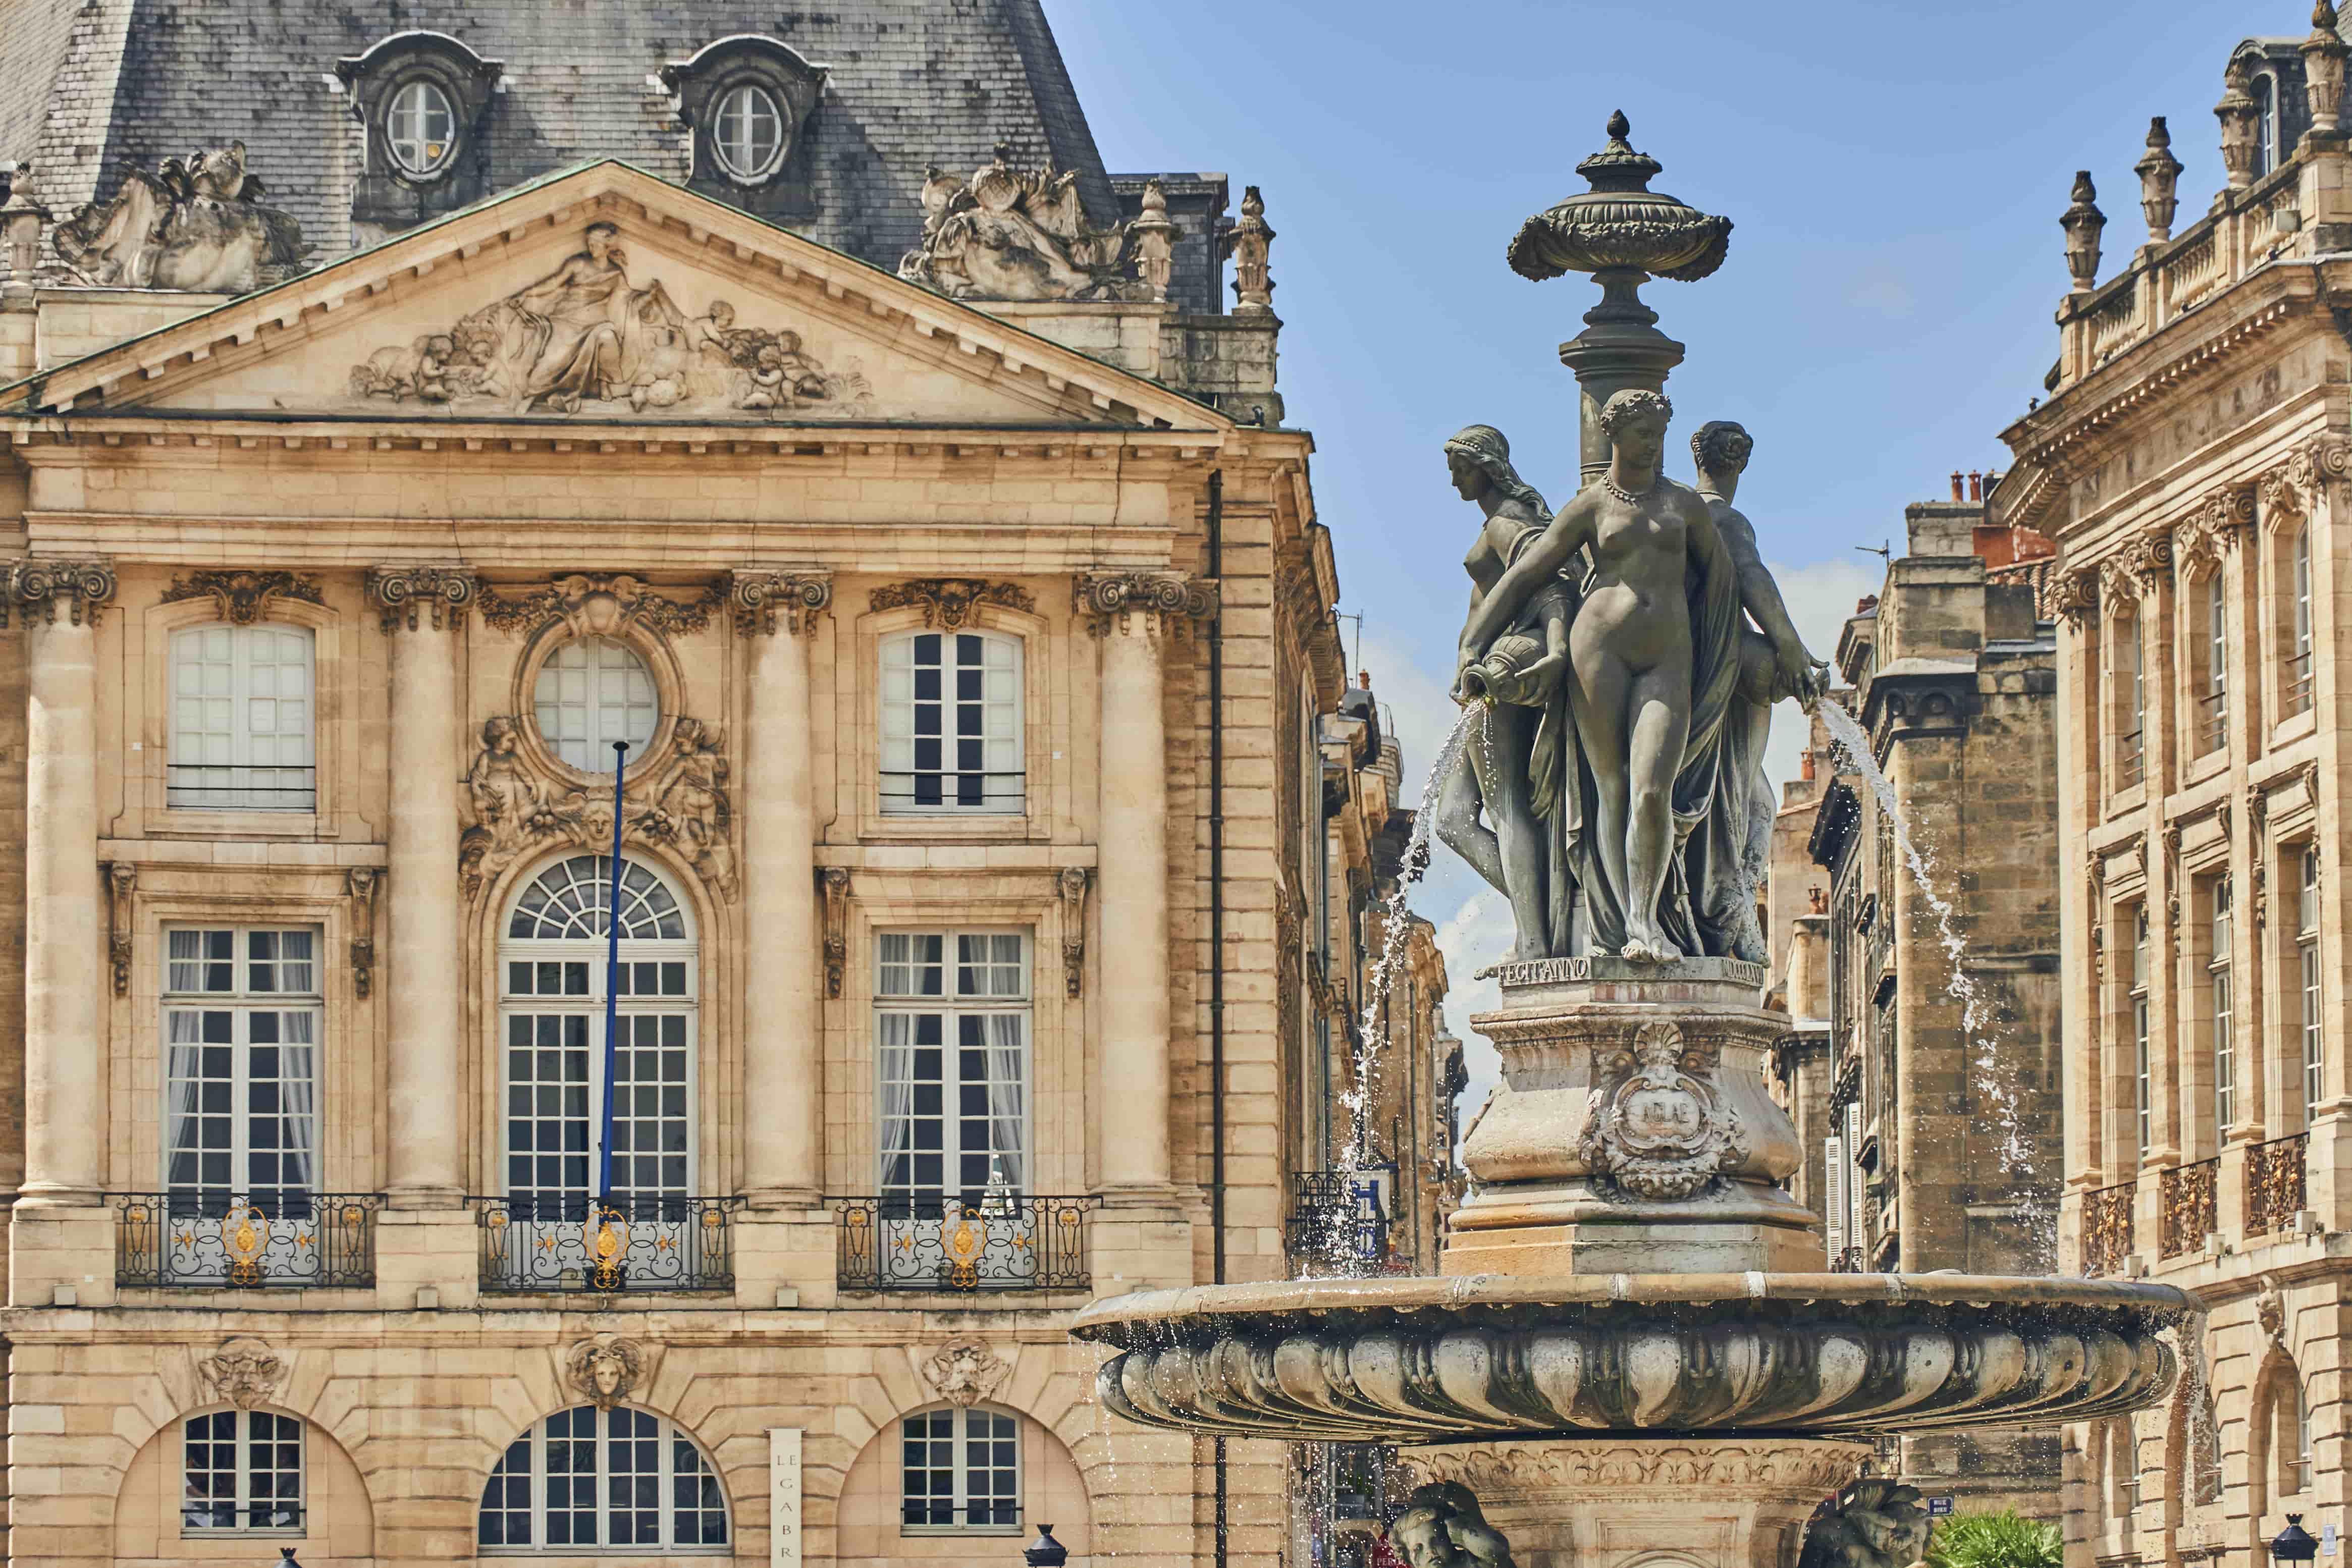 Bordeaux_France_Fountain in Bordeaux's Place de la Bourse_115014236-min